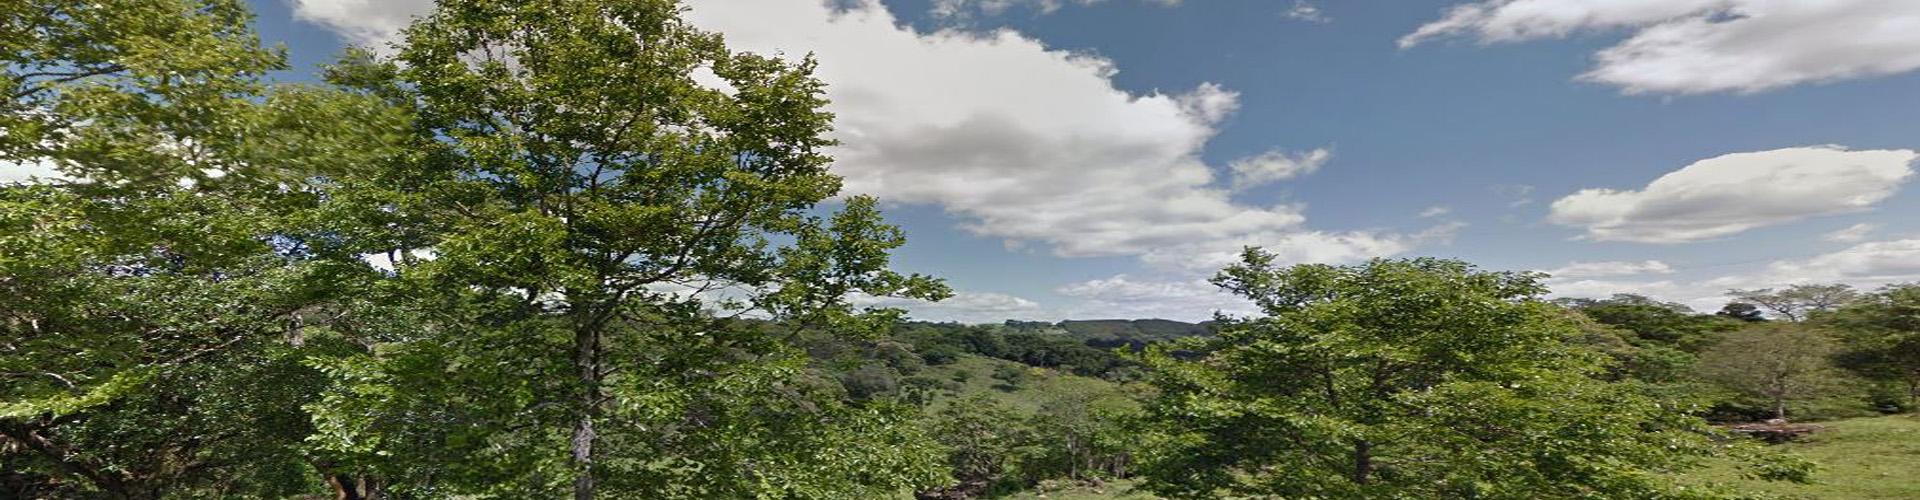 Arredores da Rua Buarque de Macedo, Linha Doze, Carlos Barbosa, RS | Google maps